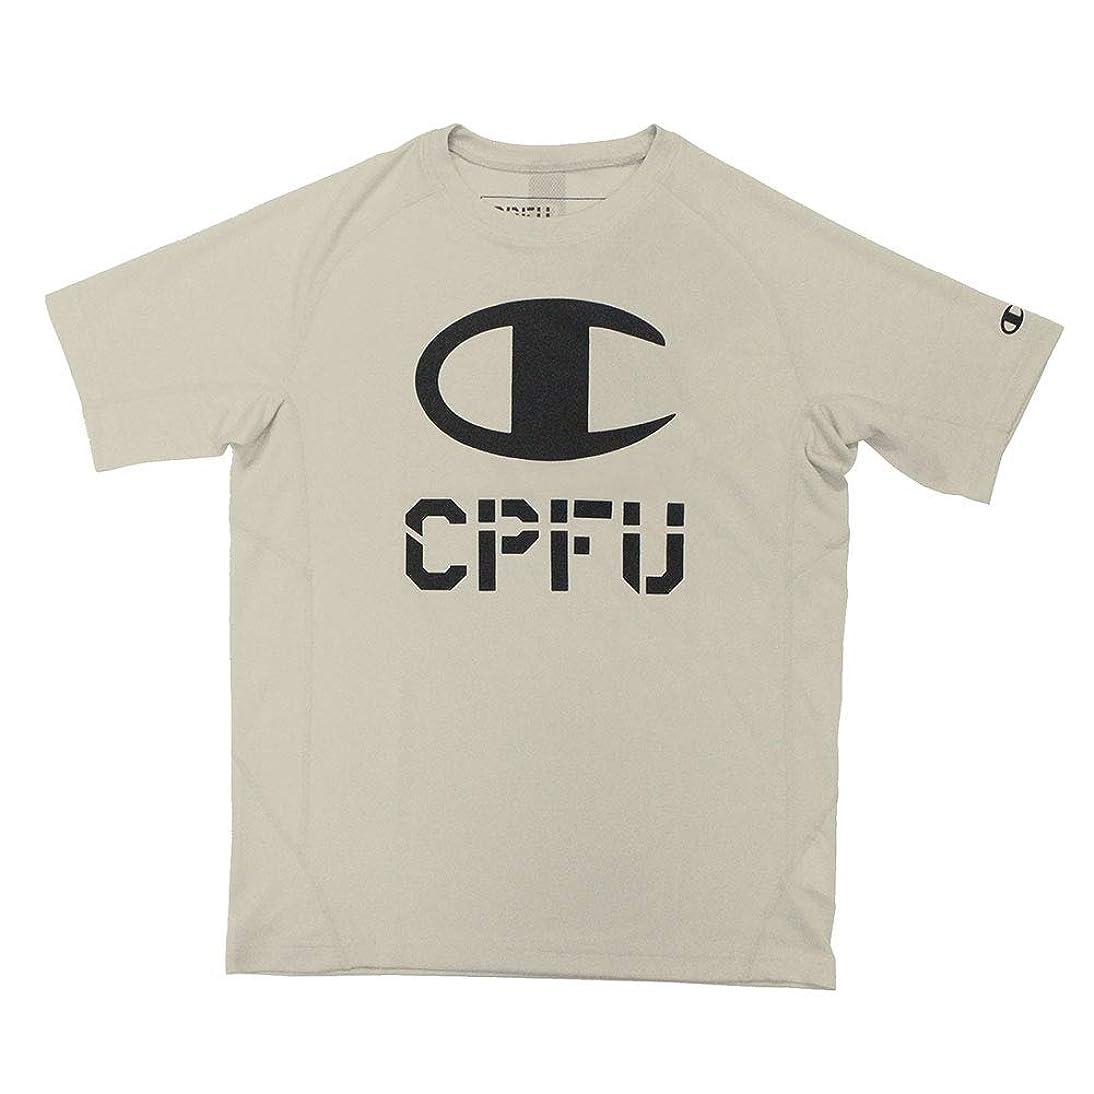 湿気の多いグリップ噴出するChampion チャンピオン CPFU T-SHIRT Tシャツ カットソー ティーシャツ 半袖 ロゴ メンズ レディースC3PS308